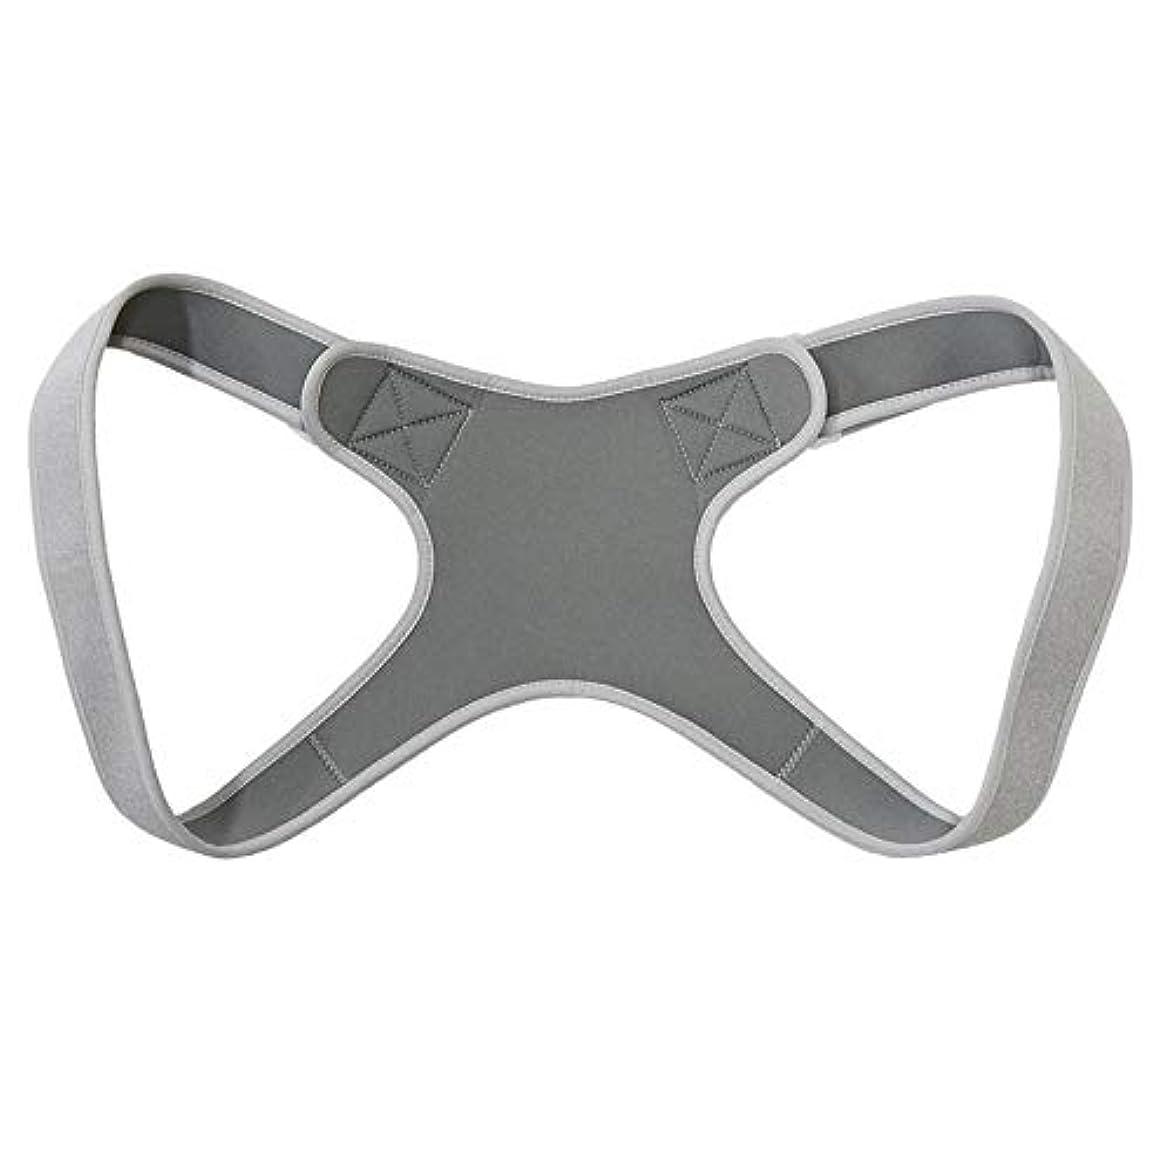 インセンティブデクリメント金額新しいアッパーバックポスチャーコレクター姿勢鎖骨サポートコレクターバックストレートショルダーブレースストラップコレクター - グレー